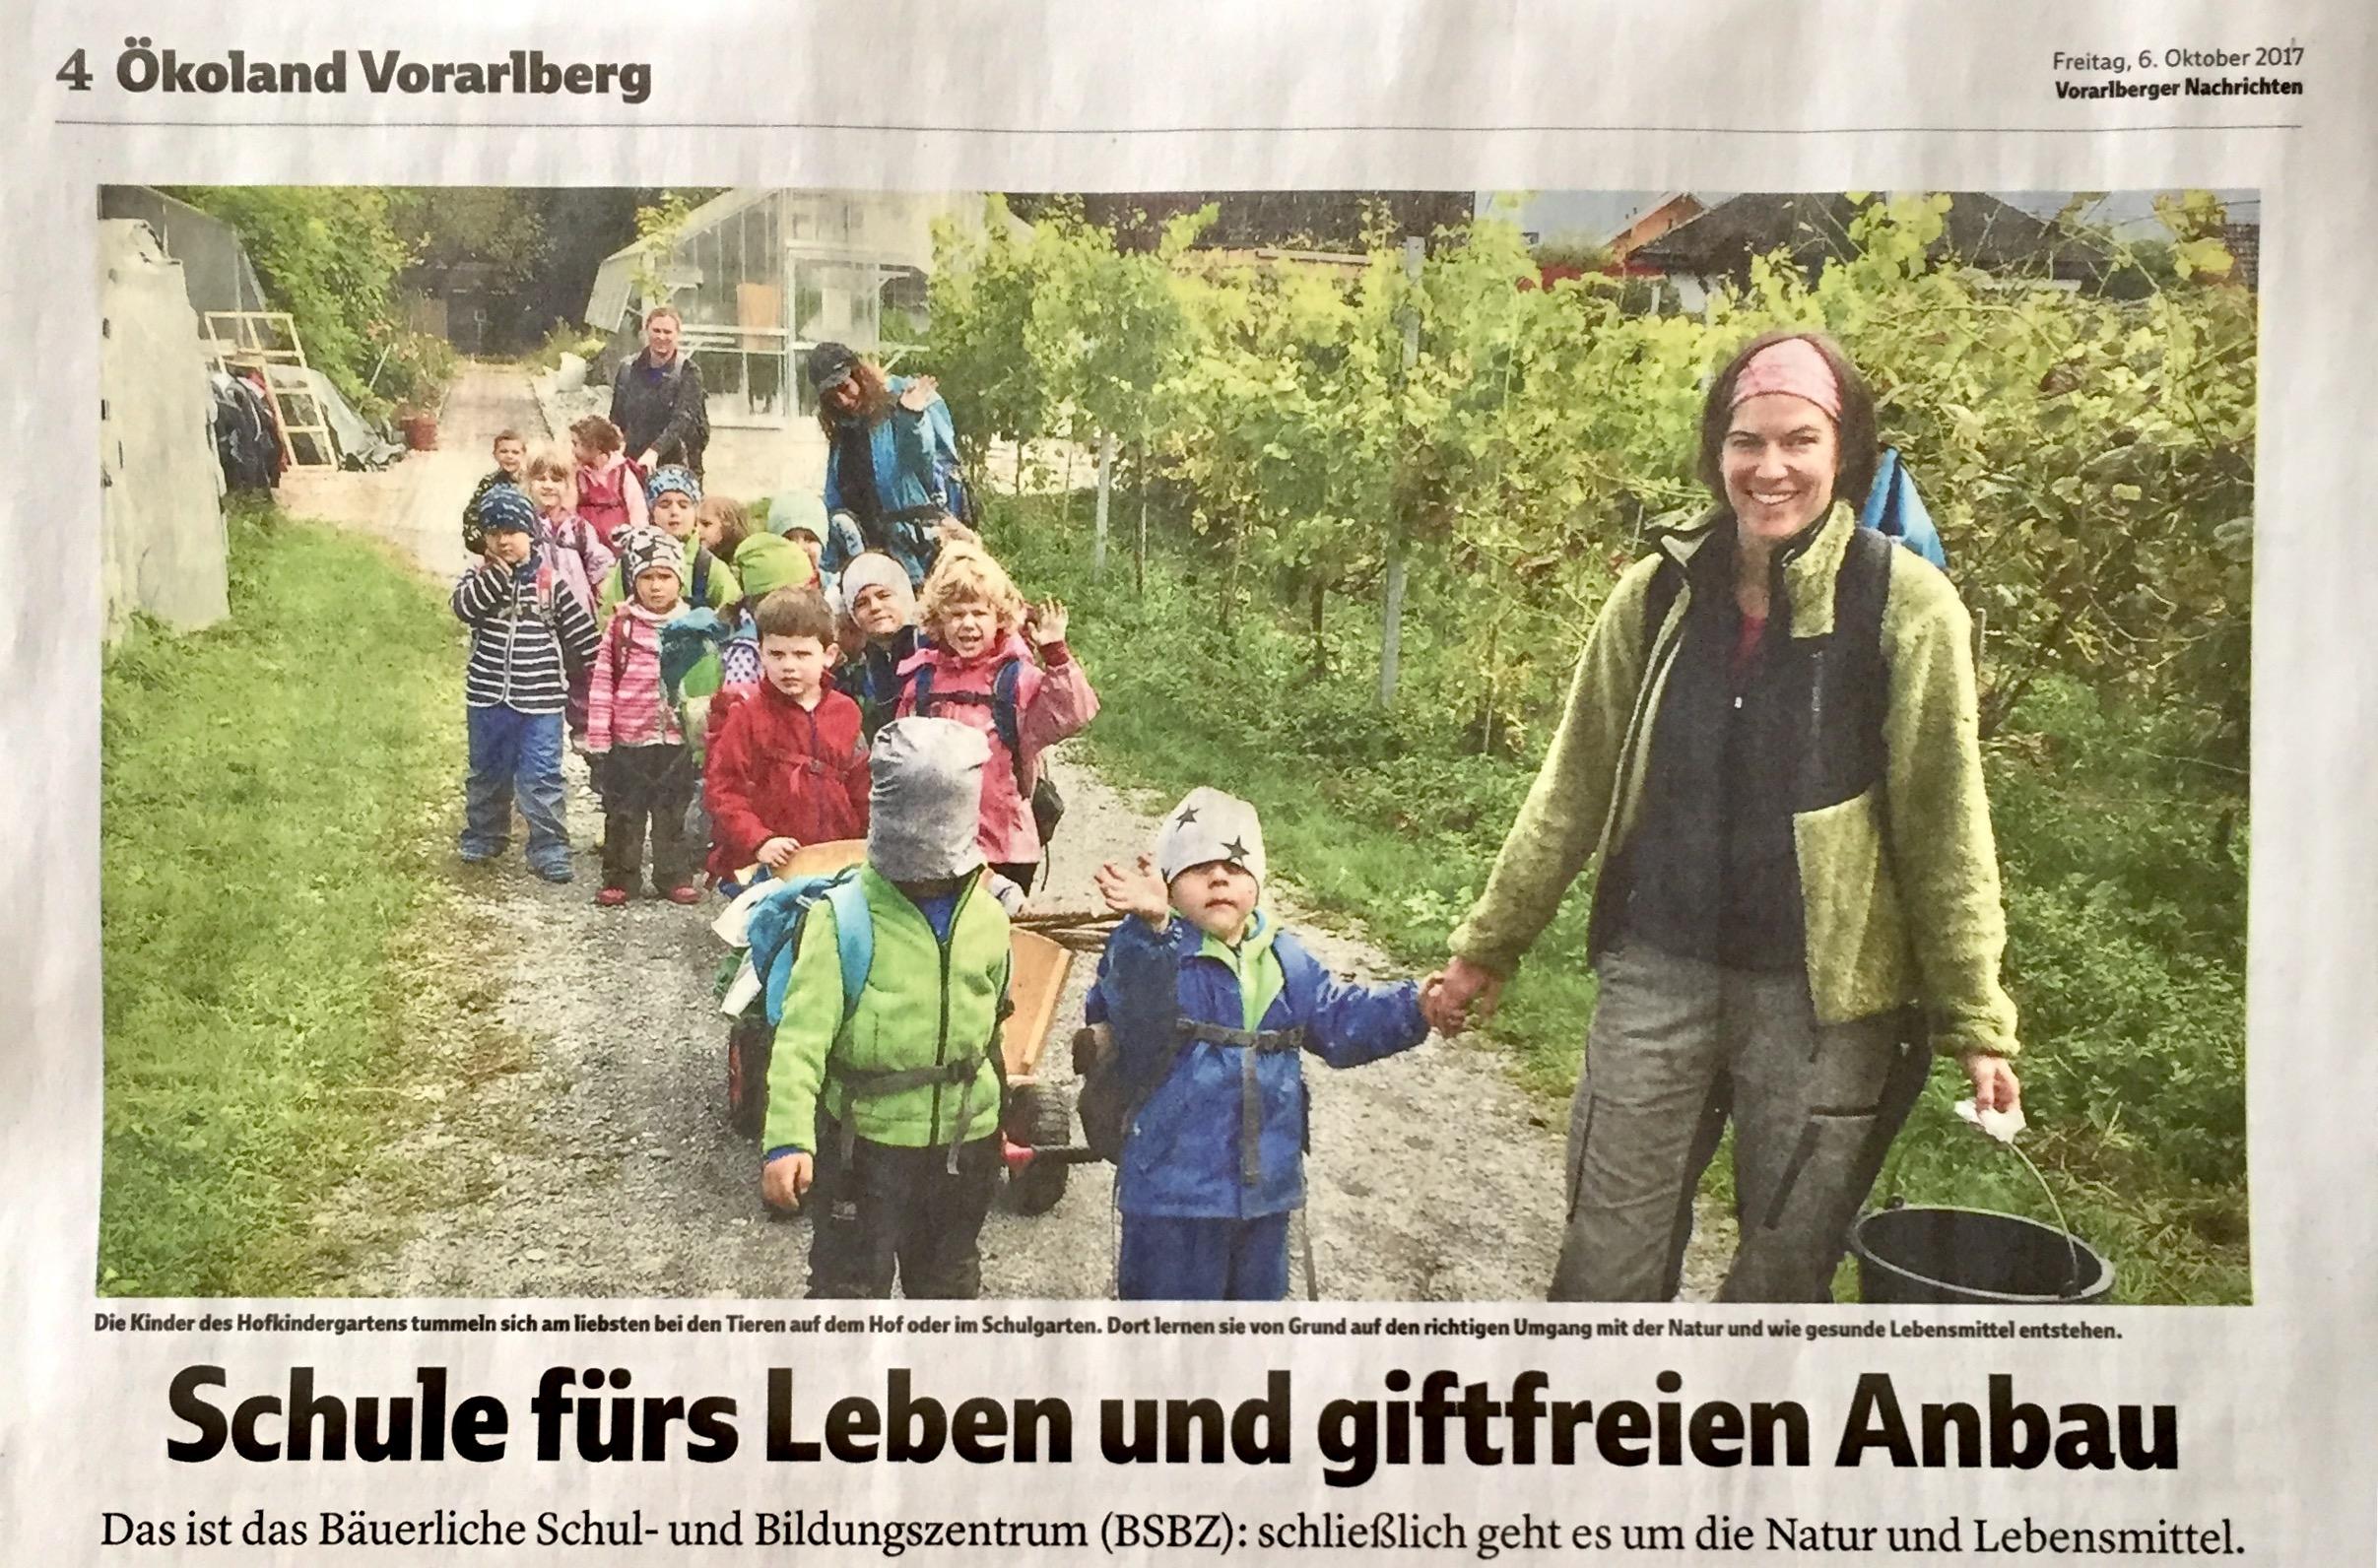 Der Lehrbetrieb Rheinhof des Bäuerlichen Schul- und Bildungszentrums (BSBZ) in Hohenems wurde 2017 mit dem Vorarlberger Tierschutzpreis ausgezeichnet - schon die Kinder des Hofkindergartens lernen von Anfang an den gefühlvollen Umgang mit Tieren und lernen, wo unsere Lebensmittel herkommen